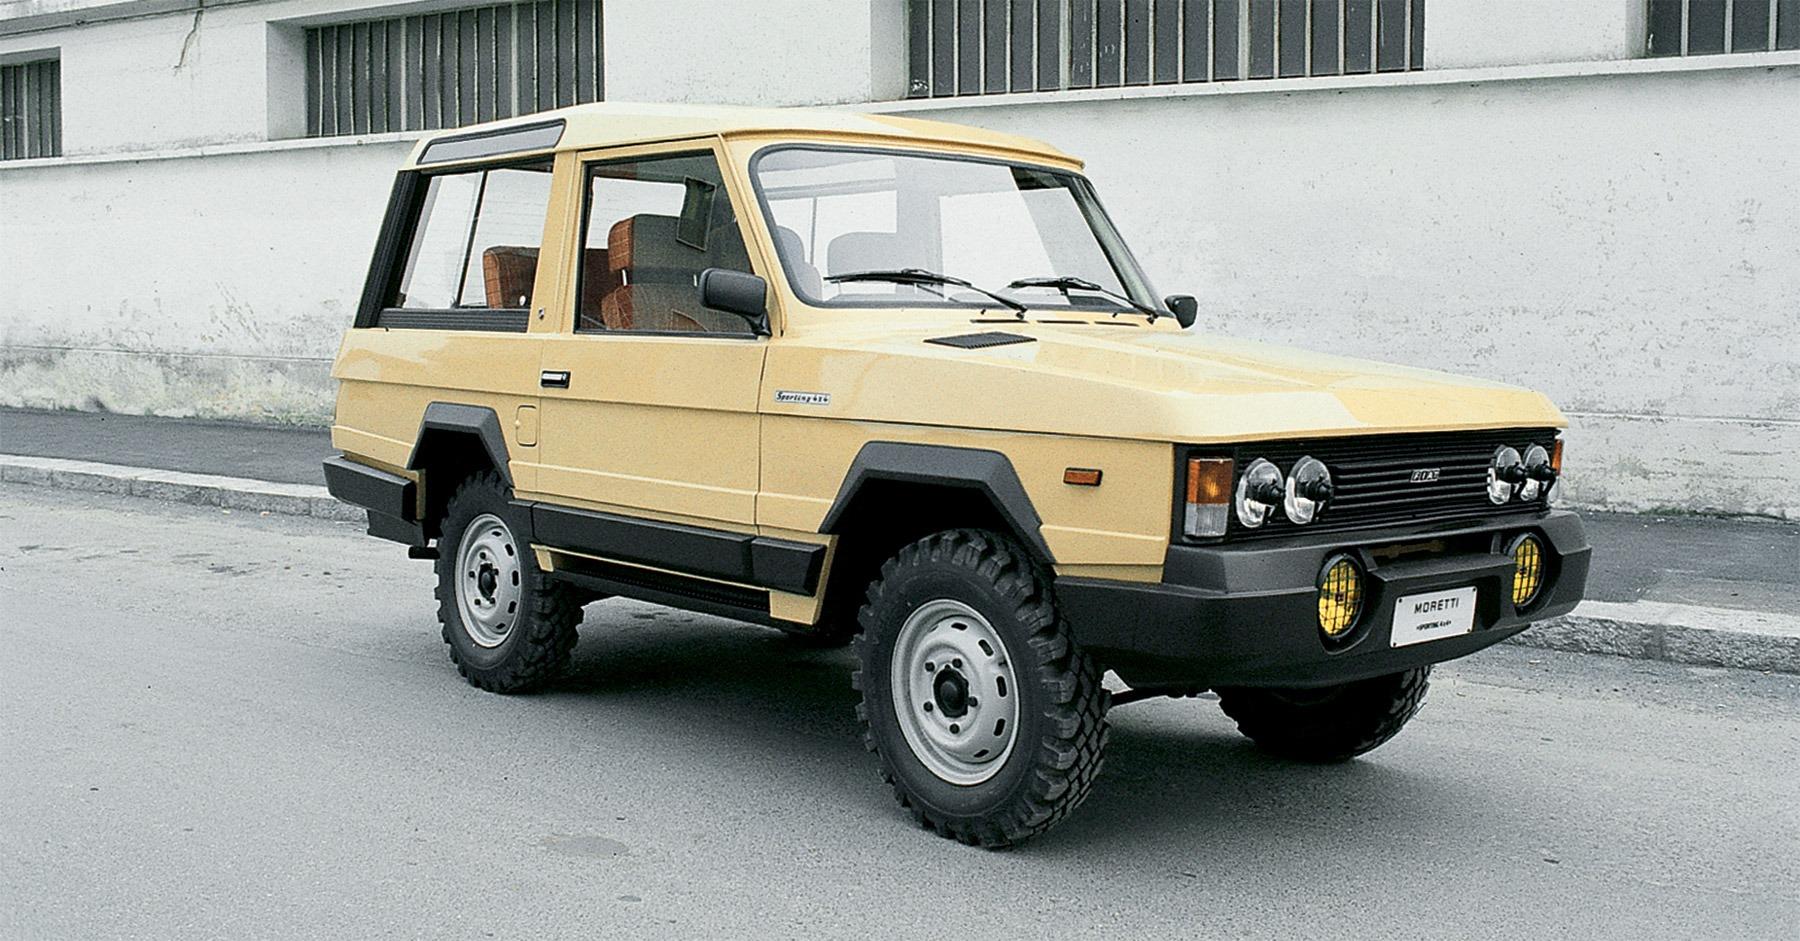 1978-Moretti-Fiat-Campagnola-Sporting-4x4-04